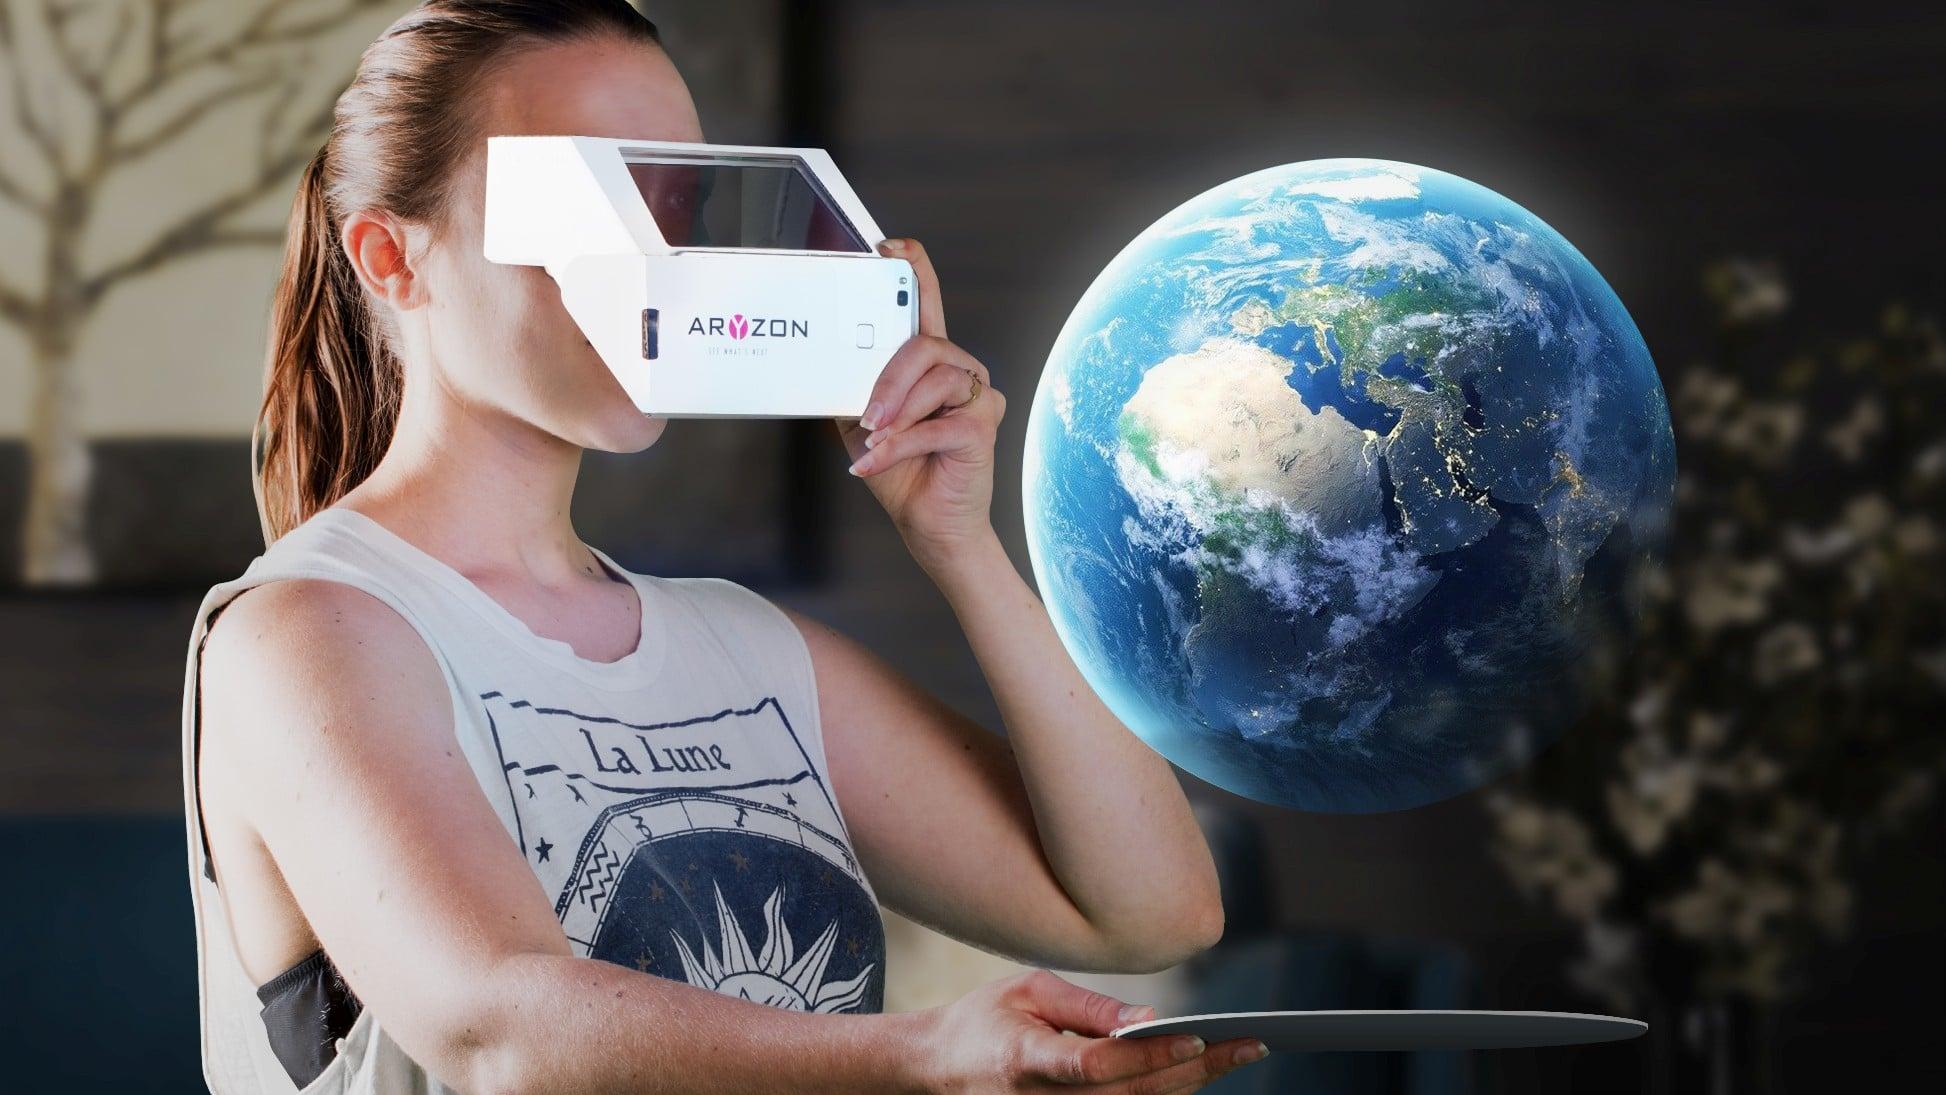 Pappe bringt euch in die erweiterte Realität. (Foto: Aryzon)